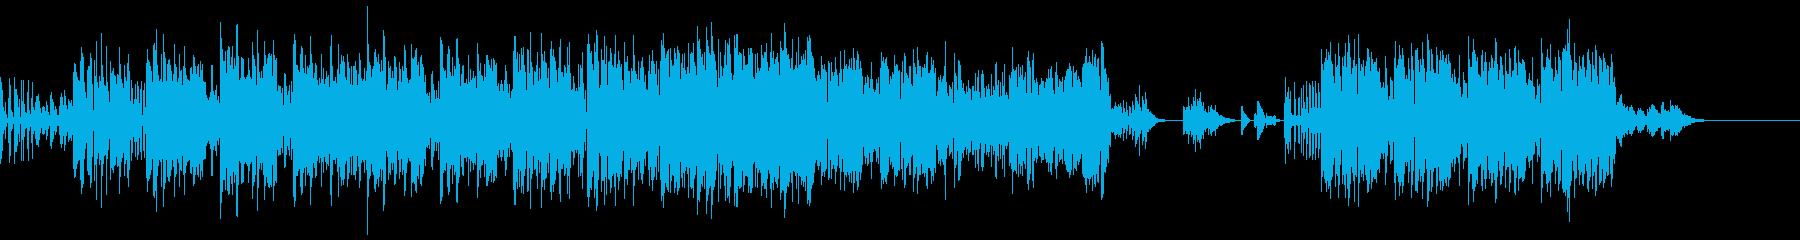 ボイパ主体のアップテンポな曲の再生済みの波形